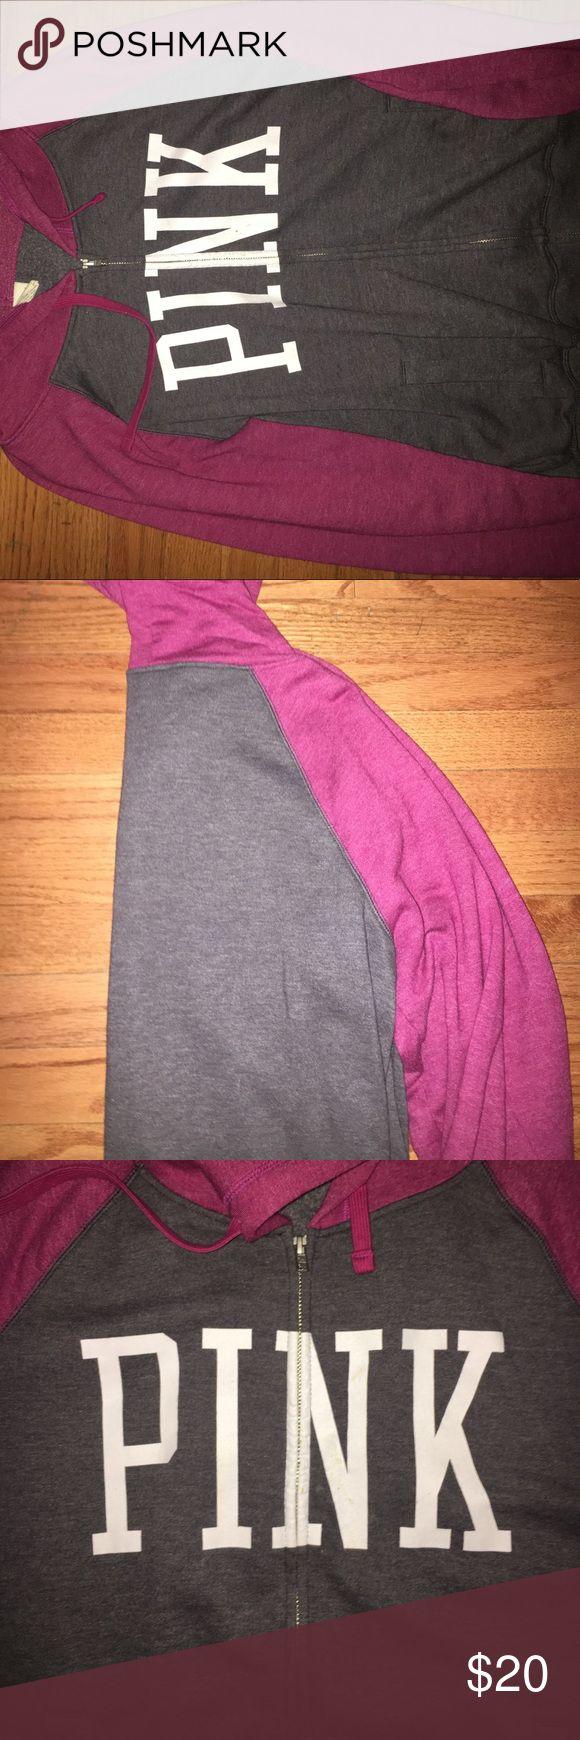 VS PINK zip up hoodie Zip up, VS PINK hoodie is the perfect cozy sweatshirt for your closet PINK Victoria's Secret Tops Sweatshirts & Hoodies